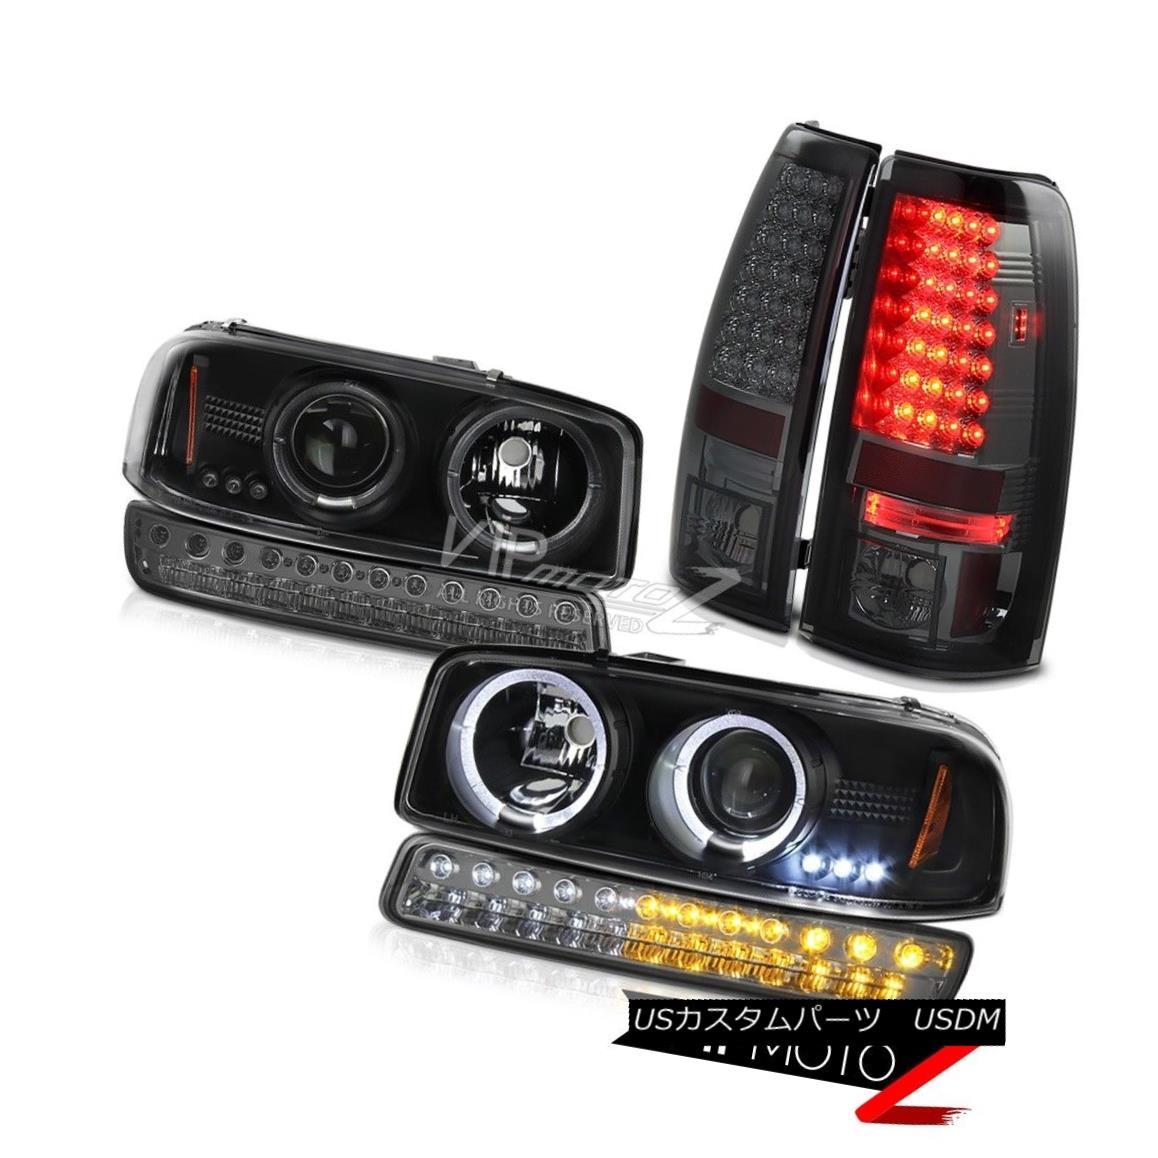 テールライト 99-06 Sierra SL Dark Smoke rear LED Brake Lights Bumper Light Black Headlamps 99-06 Sierra SLダークスモークリアLEDブレーキライトバンパーライトブラックヘッドランプ